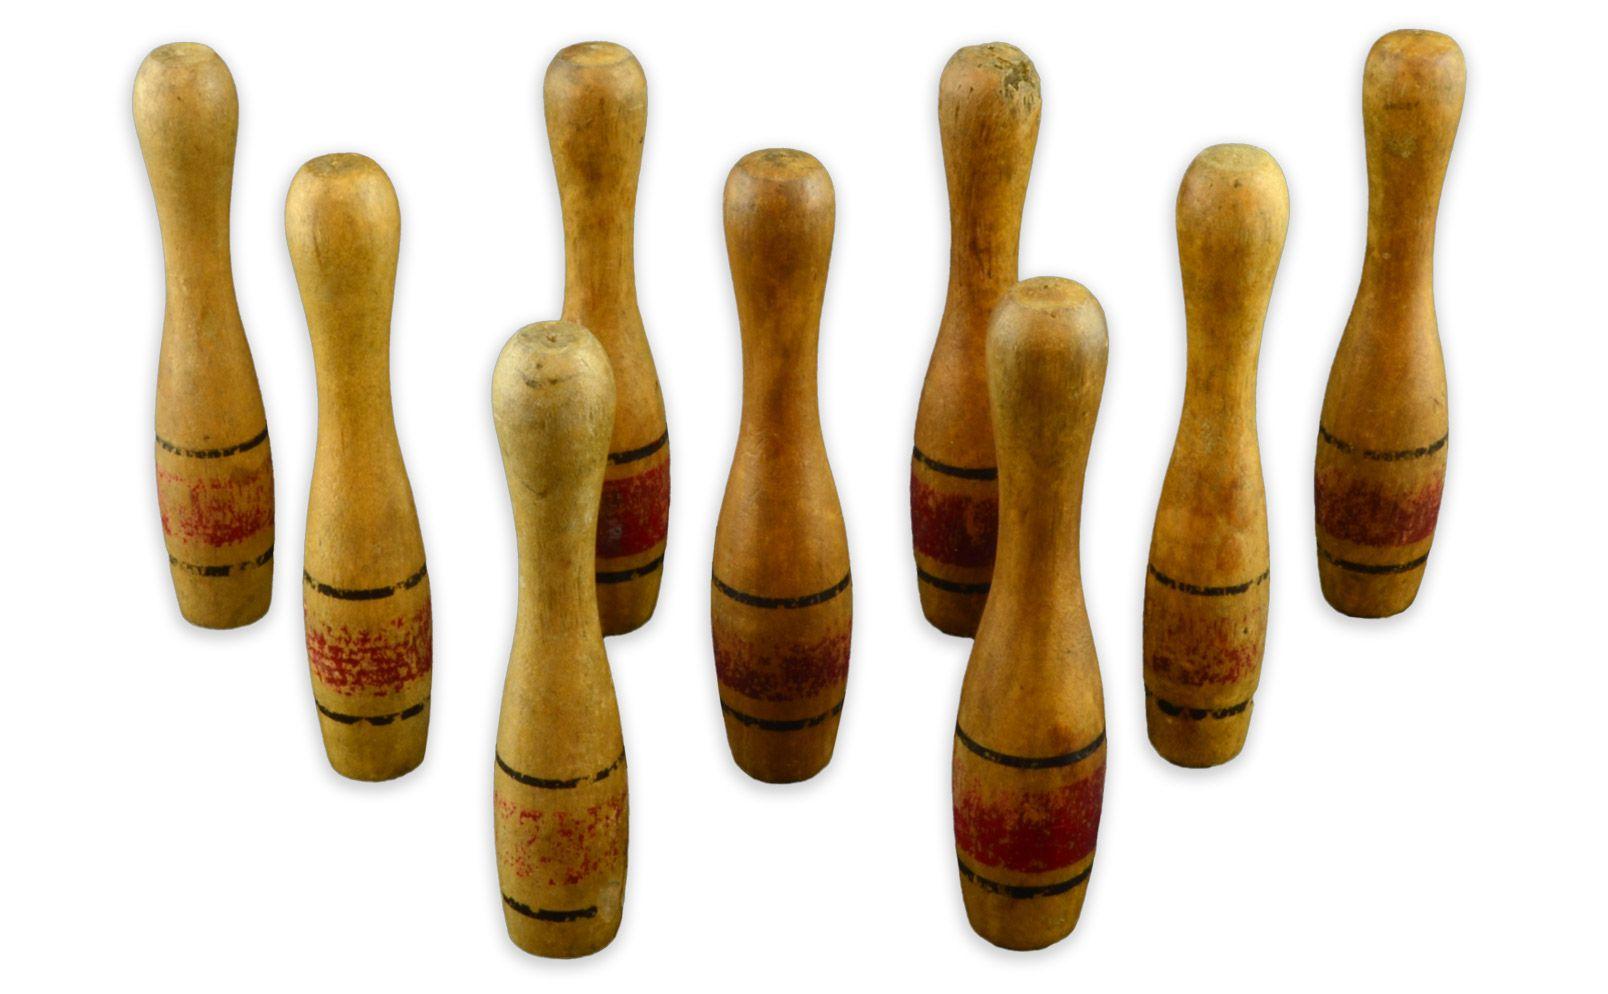 Quilles en boisMCC/LRAQ, photo: Aurélie DesgensMaison Dupont-Renaud. 18e, 19e ou début du 20e siècleEnsemble de neuf quilles en bois percées à la base pour faciliter leur mise en place, Allemagne. Contrairement au bowling, les quilles se pratiquent habituellement à l'extérieur. Il s'agit peut-être ici d'un jeu de bowling miniature à l'usage des enfants. Cette activité n'est aucunement réservée à l'élite.